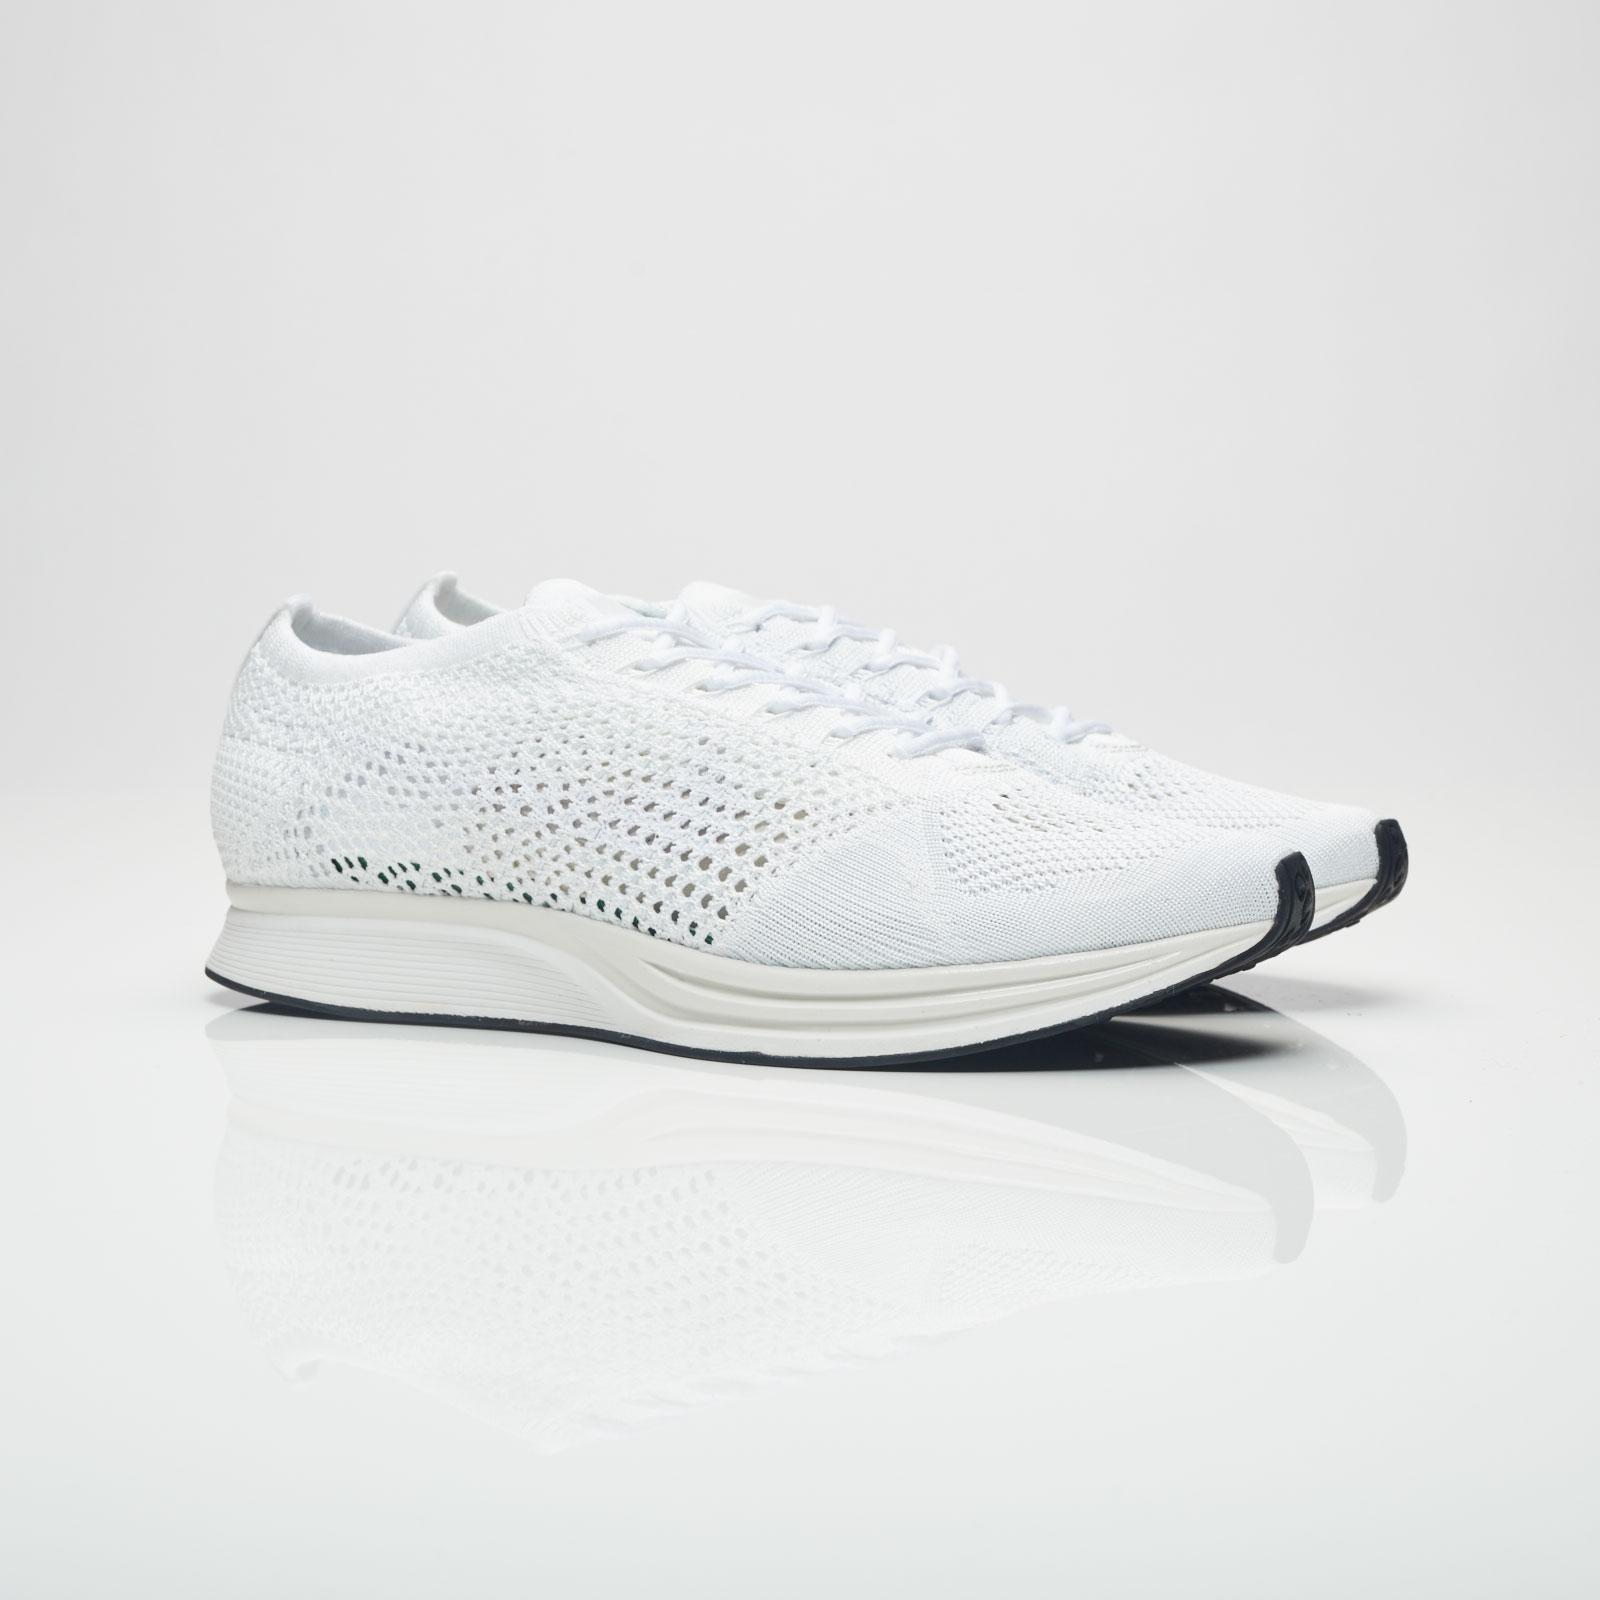 2fdb59cee734 Nike Flyknit Racer - 526628-100 - Sneakersnstuff